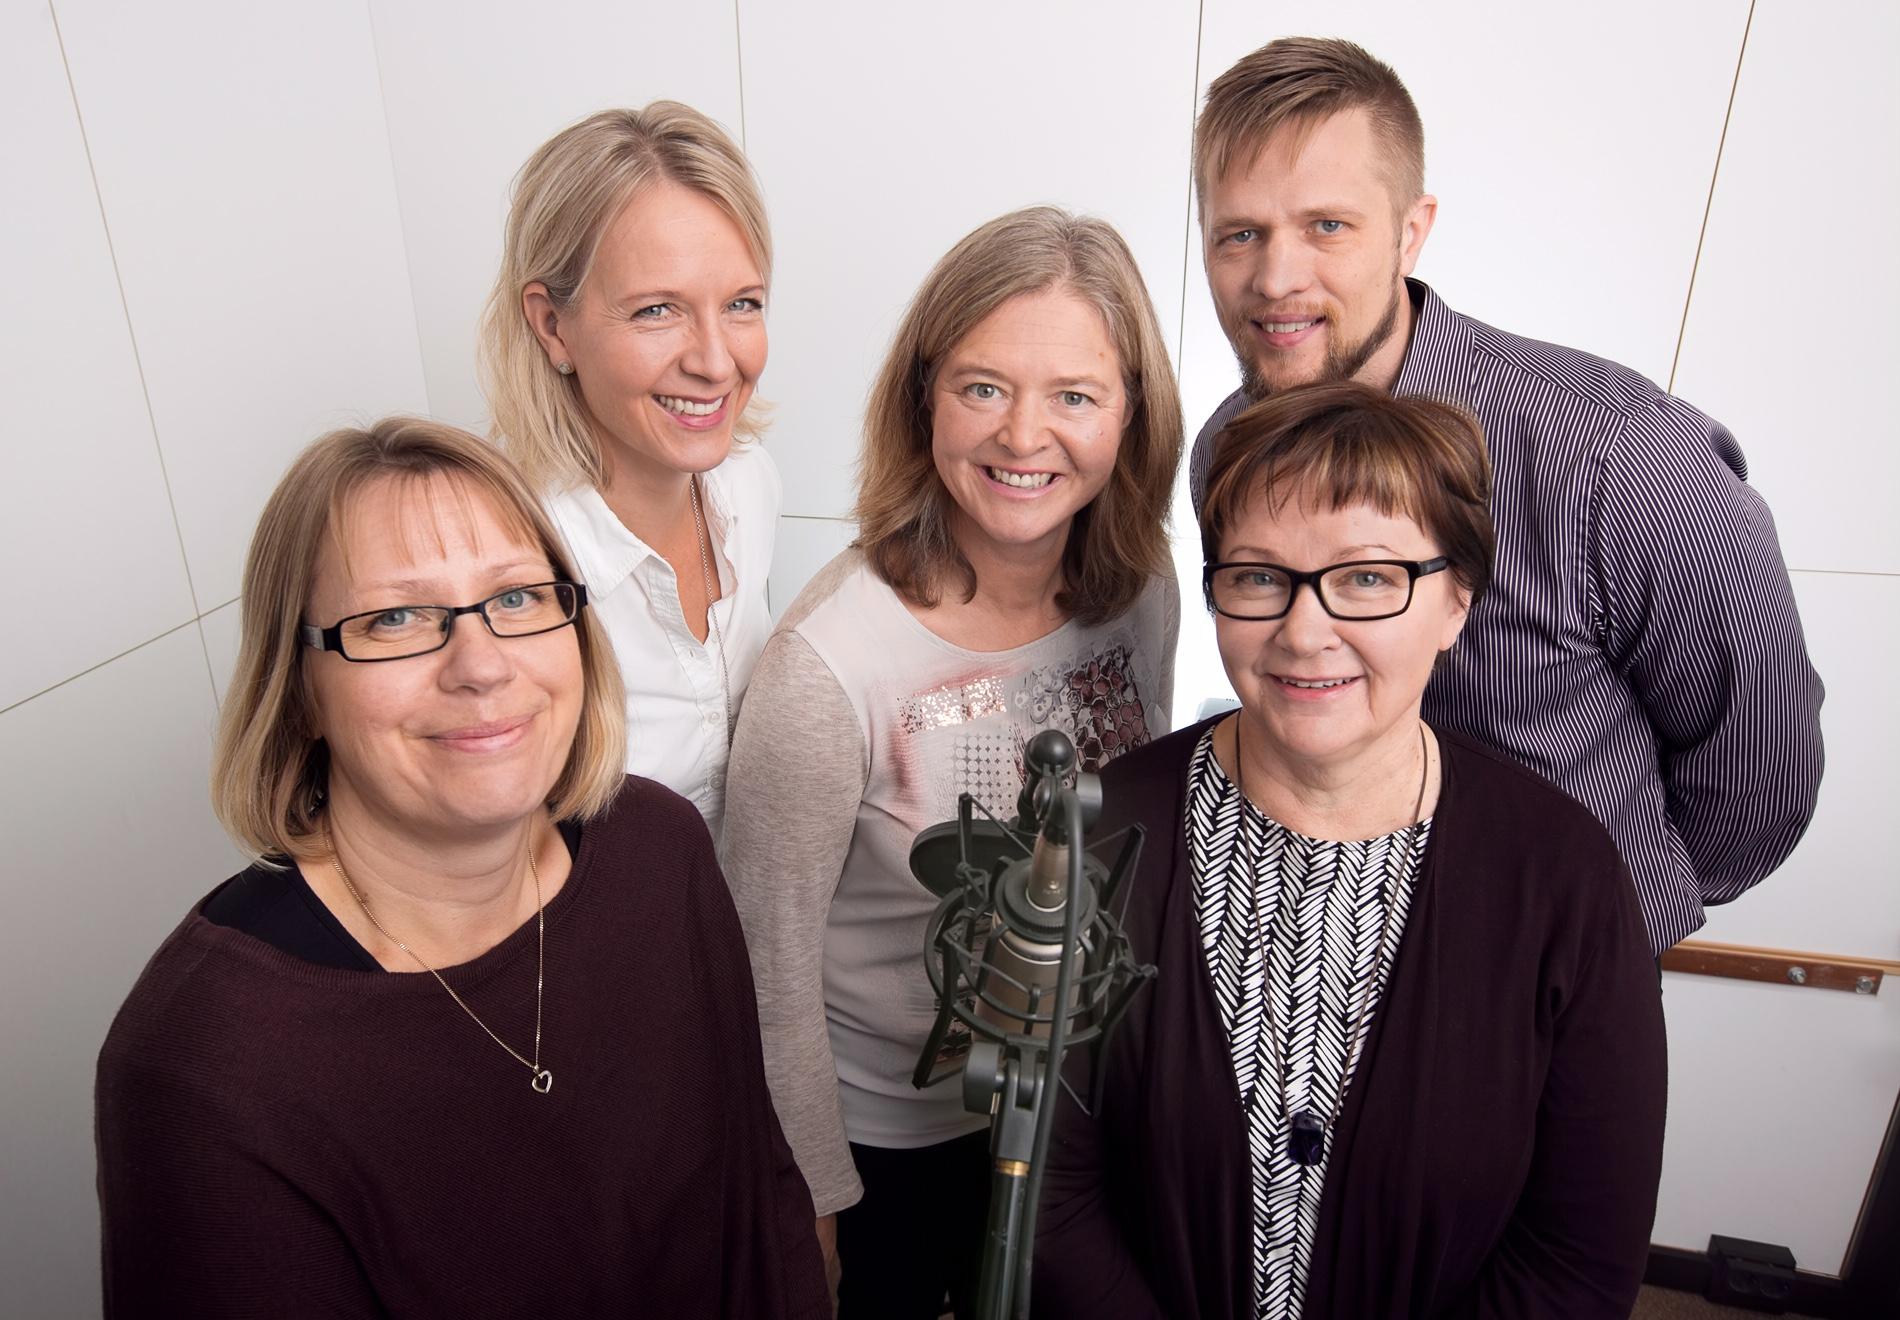 Kehitämme palveluja myös kotihoitoon ja omaisviestintään. Kuvassa tiimistämme Mira Rodas, Ira Stening, Anna Merjamaa, Kari Mikkonen ja Eija Lämsä.